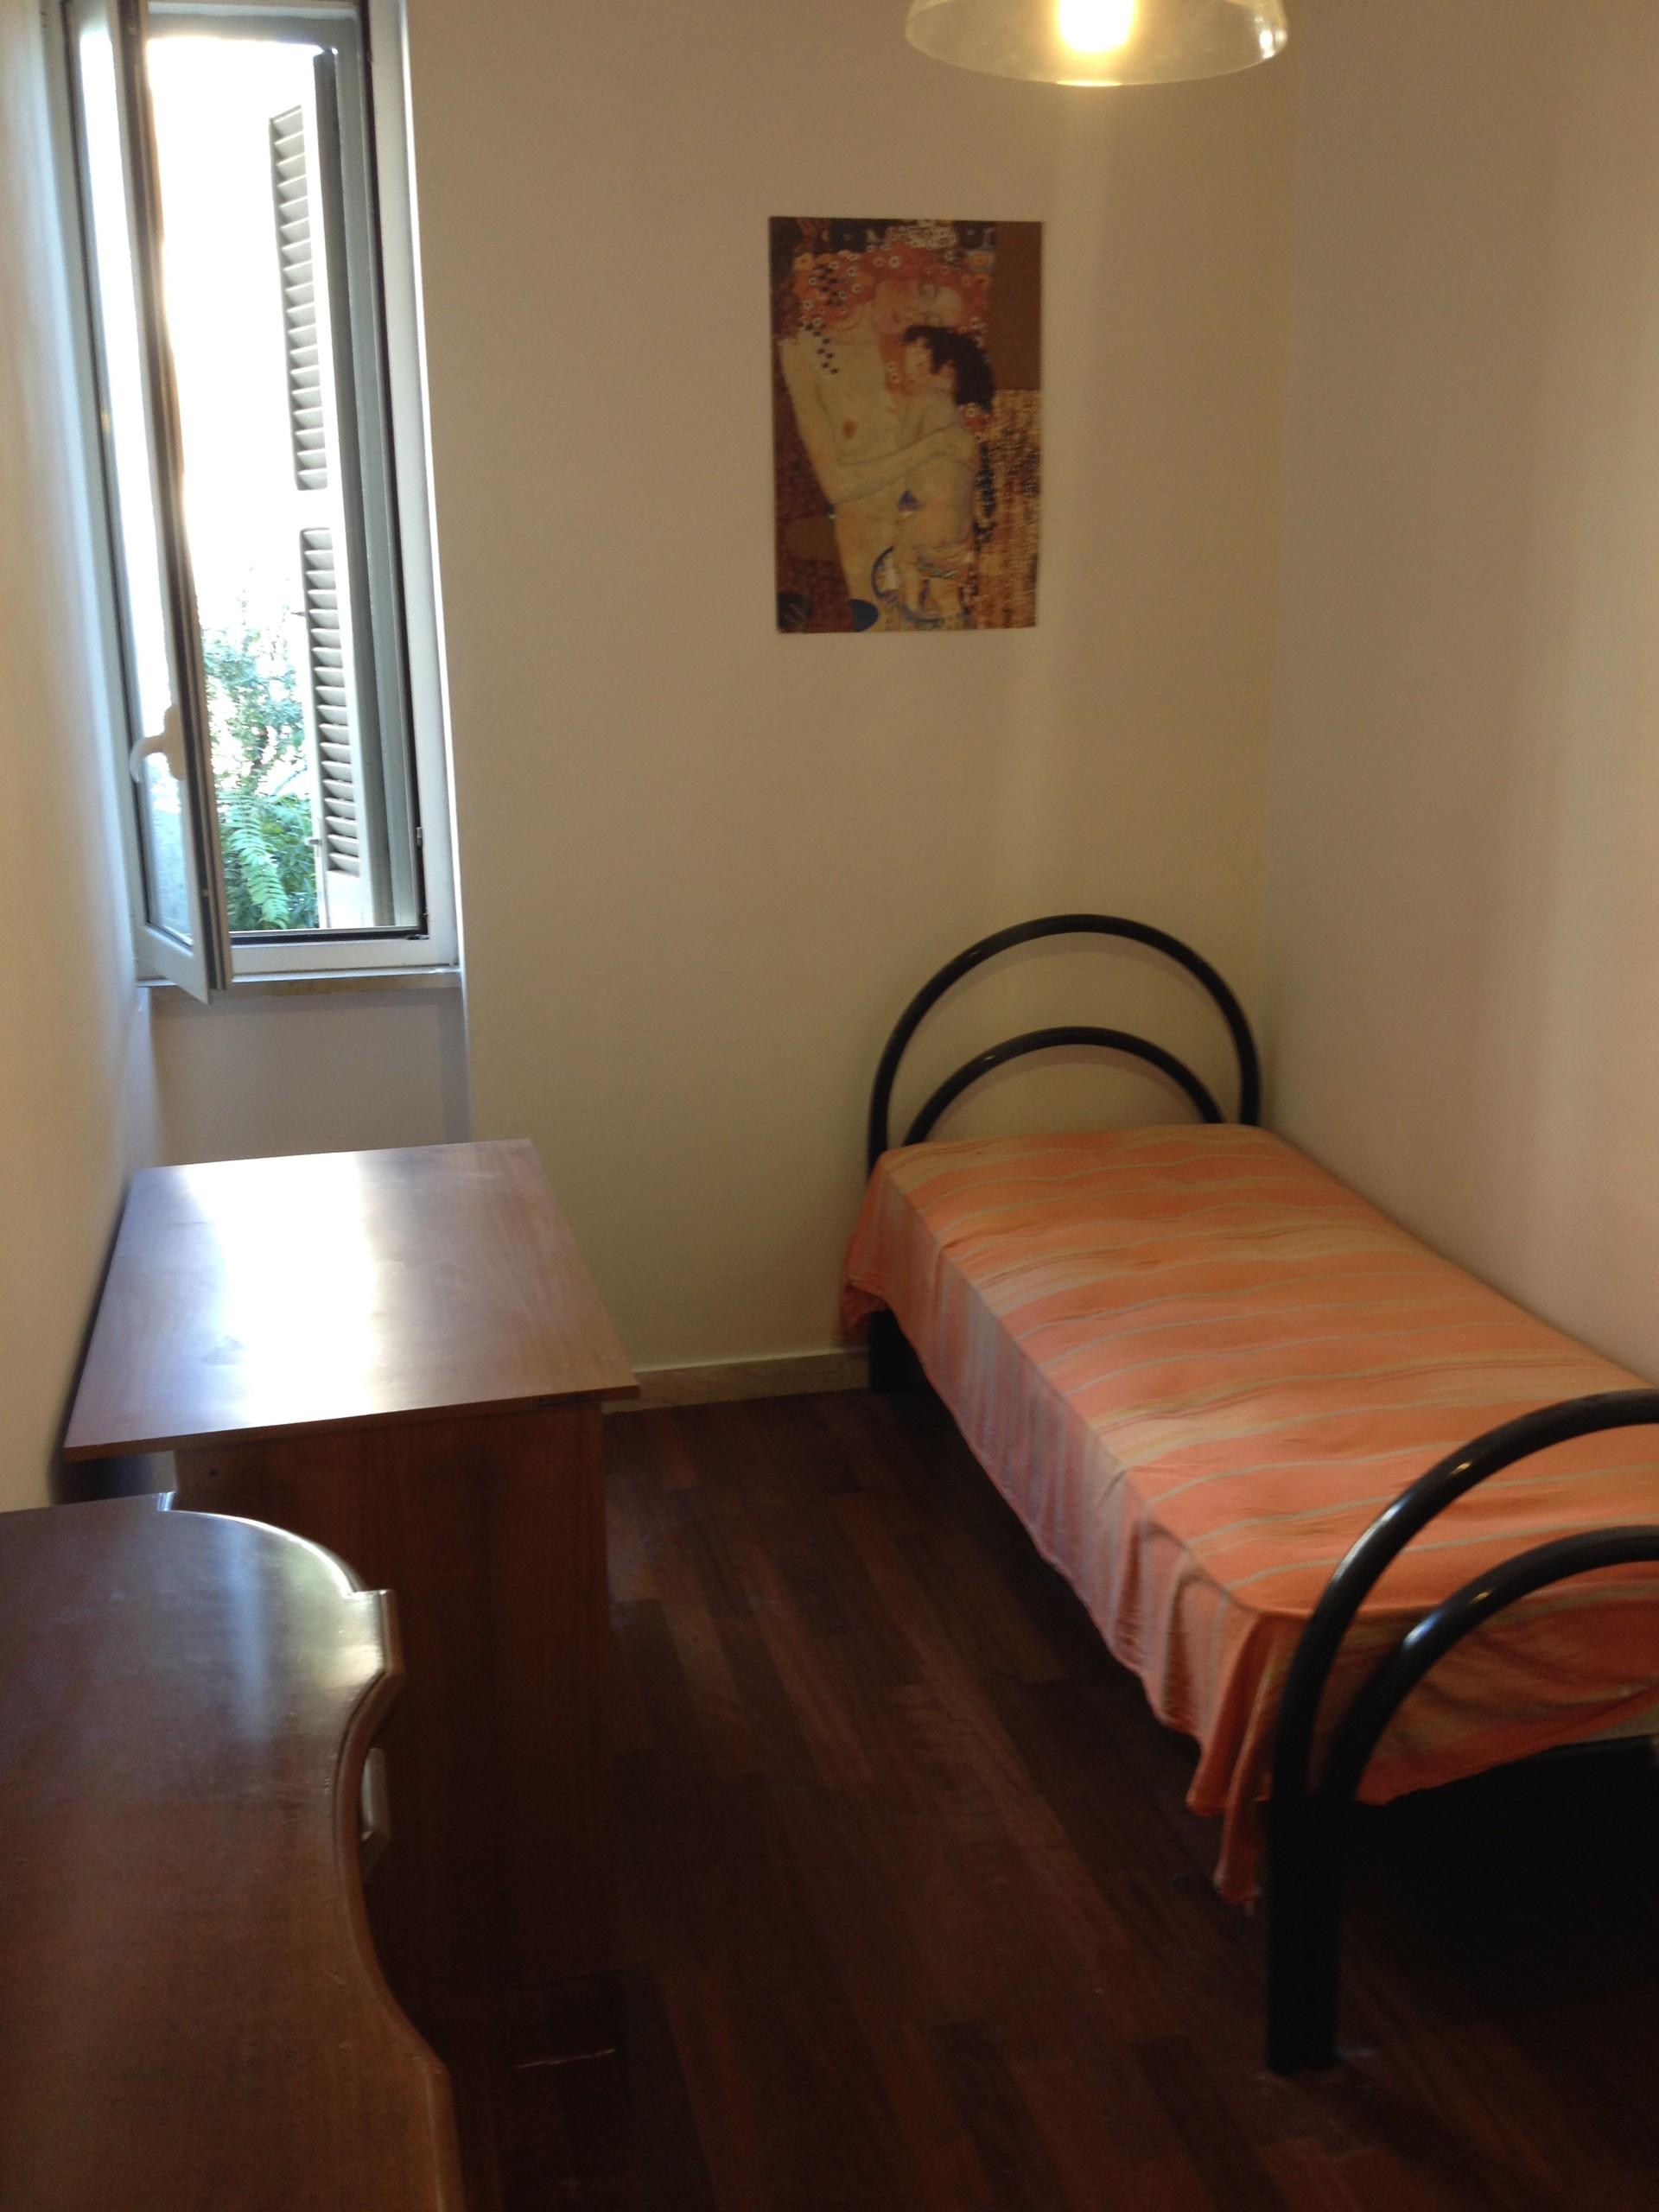 Affitto camere 300 euro all inclusive posizione for Appartamenti arredati in affitto bari